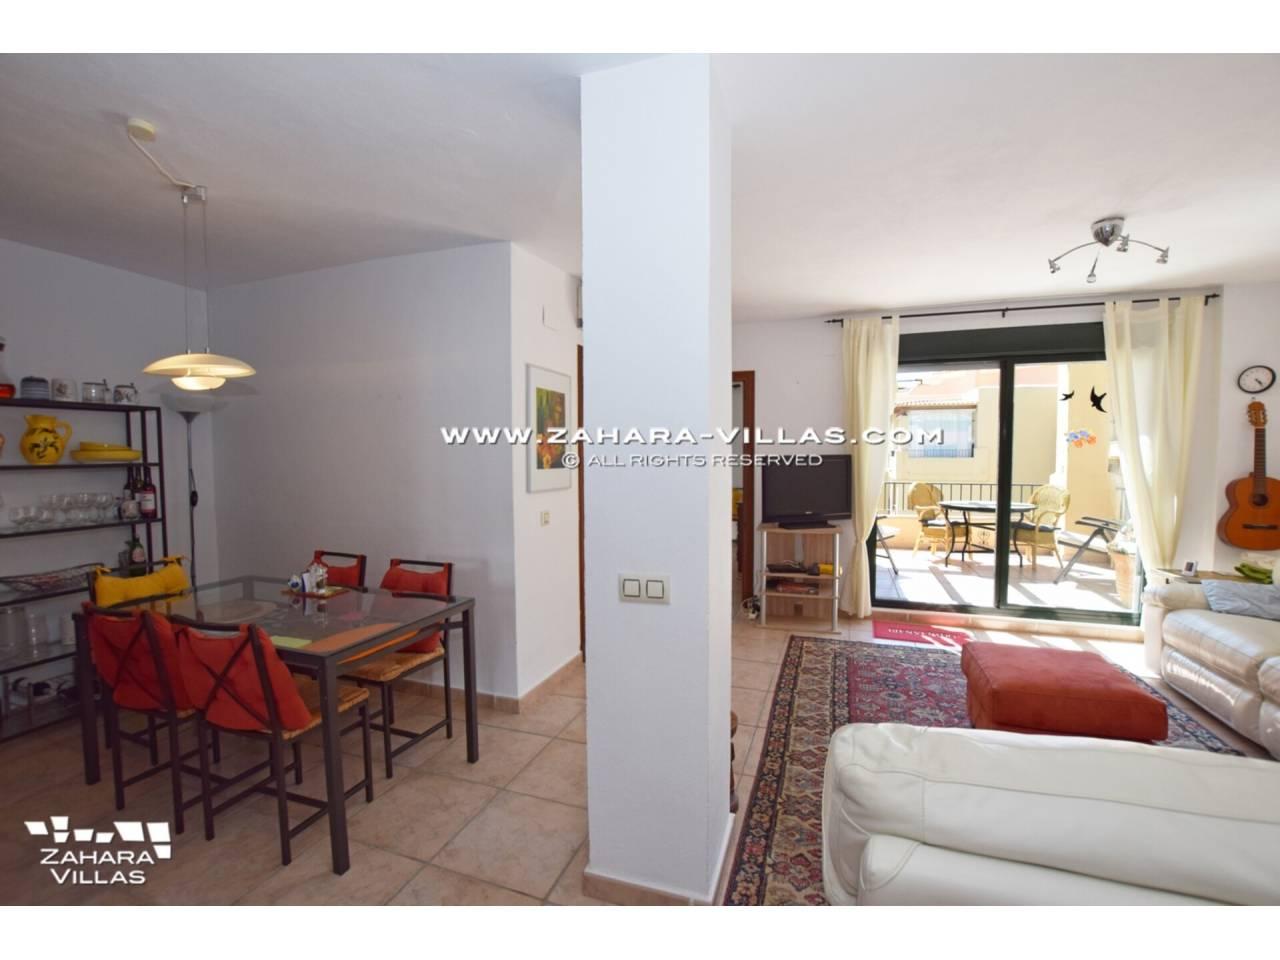 Imagen 11 de Penthouse apartment for sale in Zahara de los Atunes